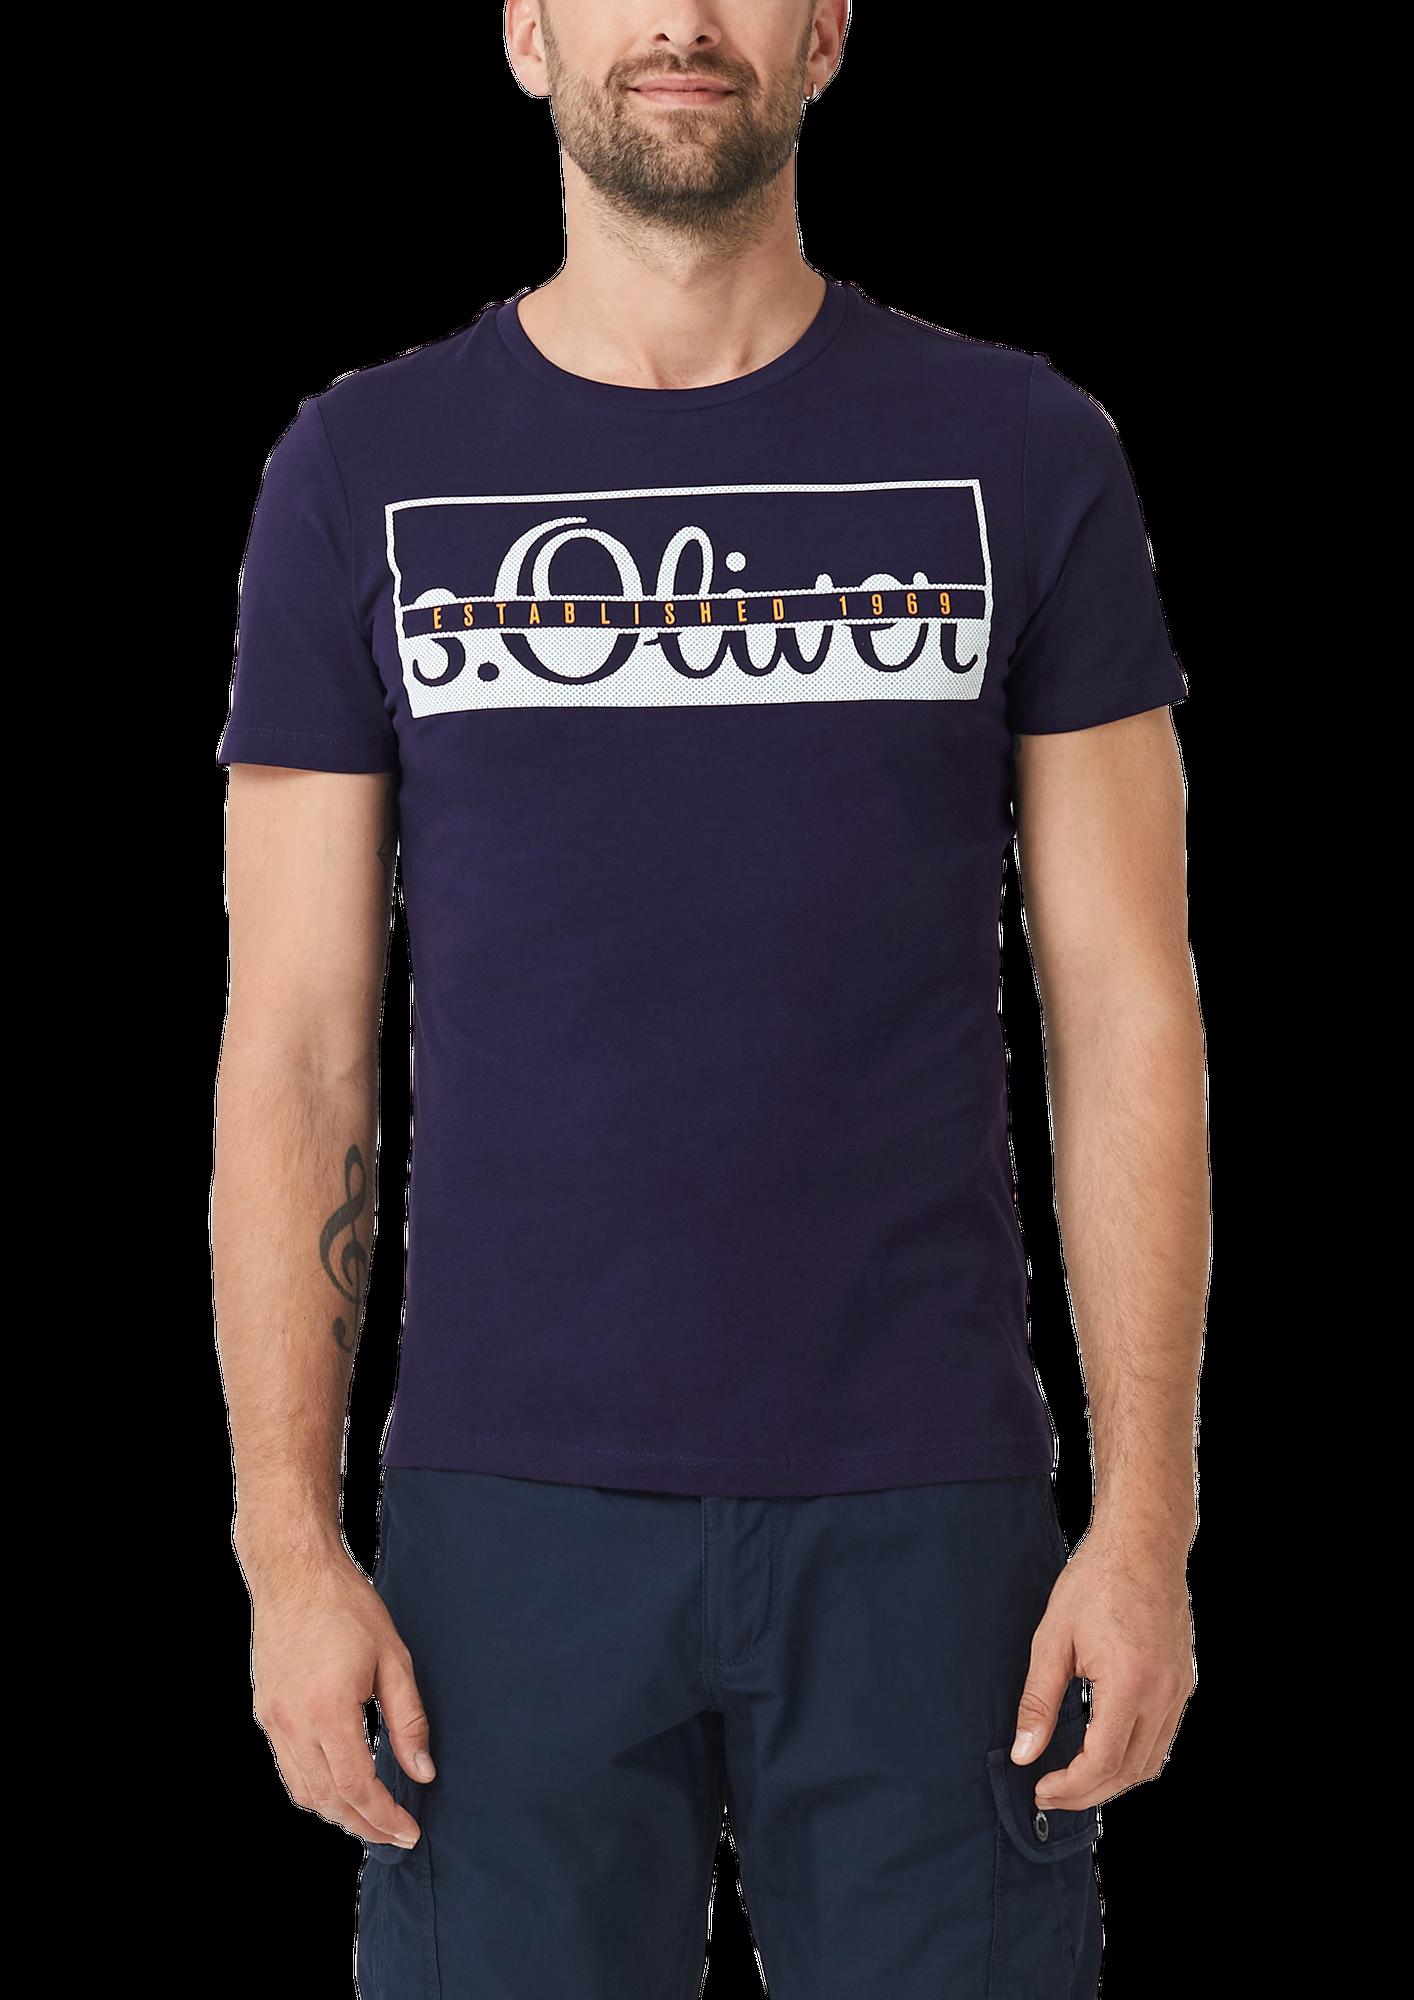 s.Oliver Herren T-Shirt, Rundhals Slim Fit, 2 Stück – Bild 9